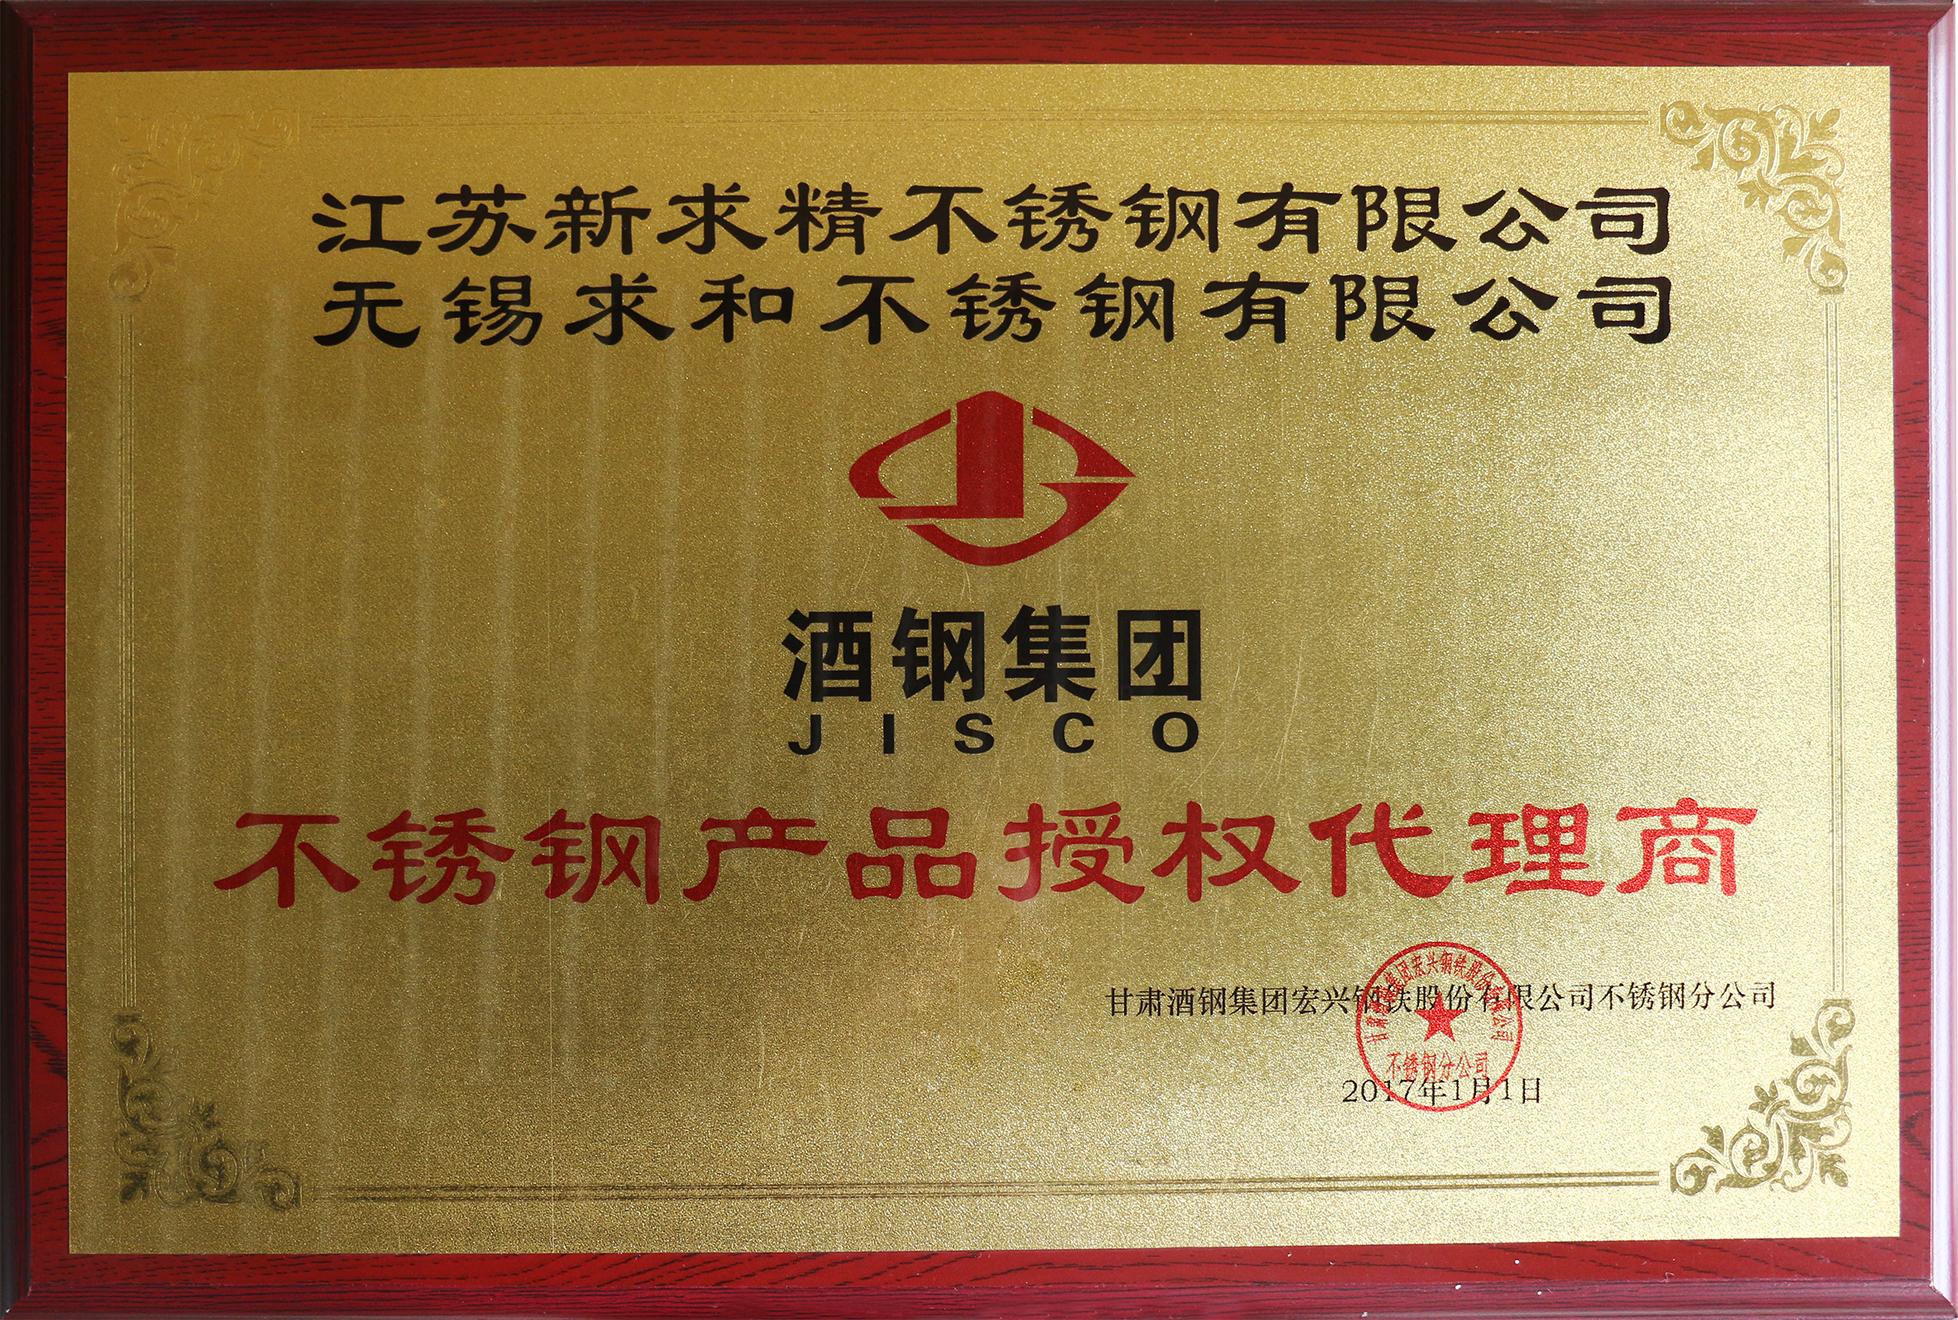 不锈钢产品授权代理商